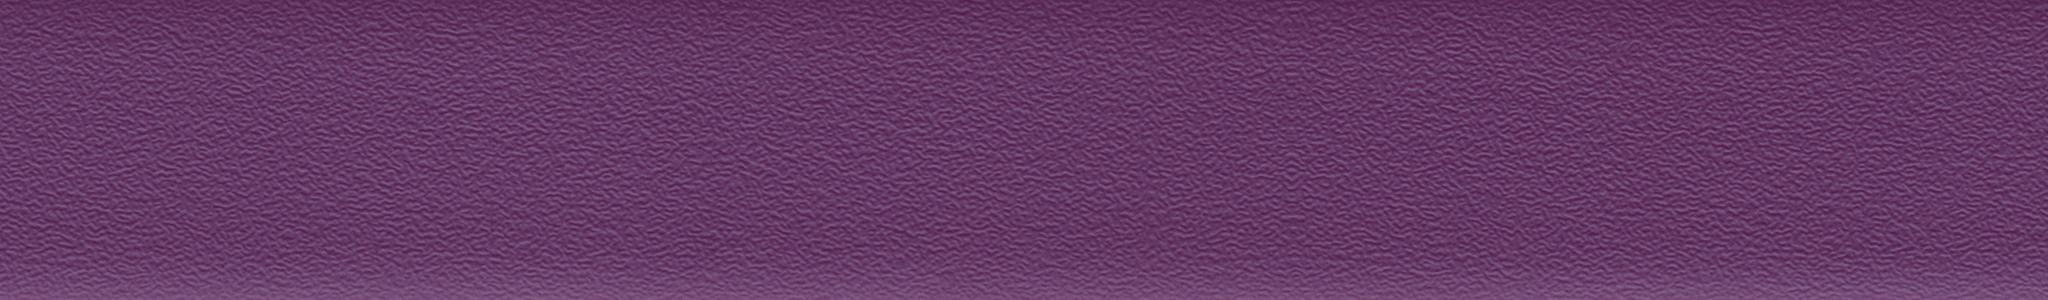 HU 15218 ABS hrana lilek perla 101